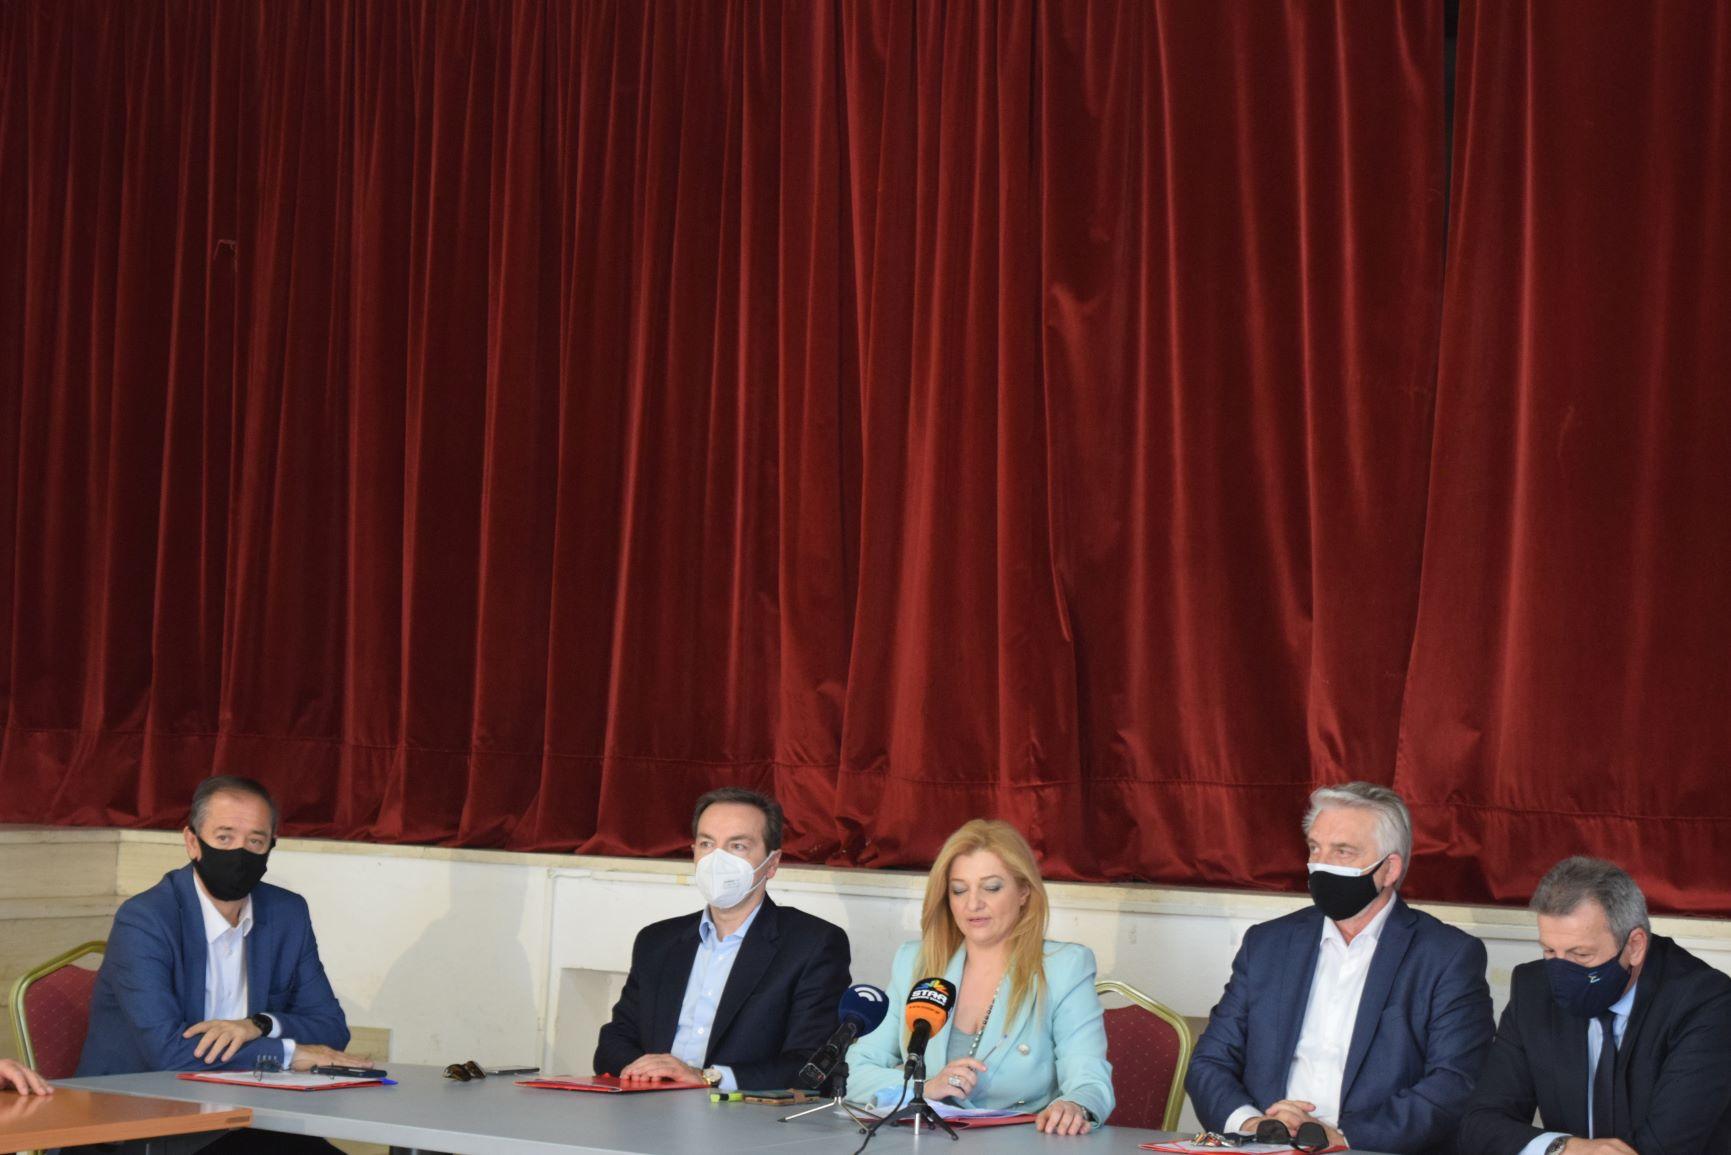 Αυγερινοπούλου: Γιορτάζουμε την Ημέρα Περιβάλλοντος με έργα και όχι με λόγια- Υποεπιτροπή Υδατικών Πόρων της Βουλής: Έργο εθνικής σημασίας η κατασκευή παραλίμνιου αγωγού του Μόρνου